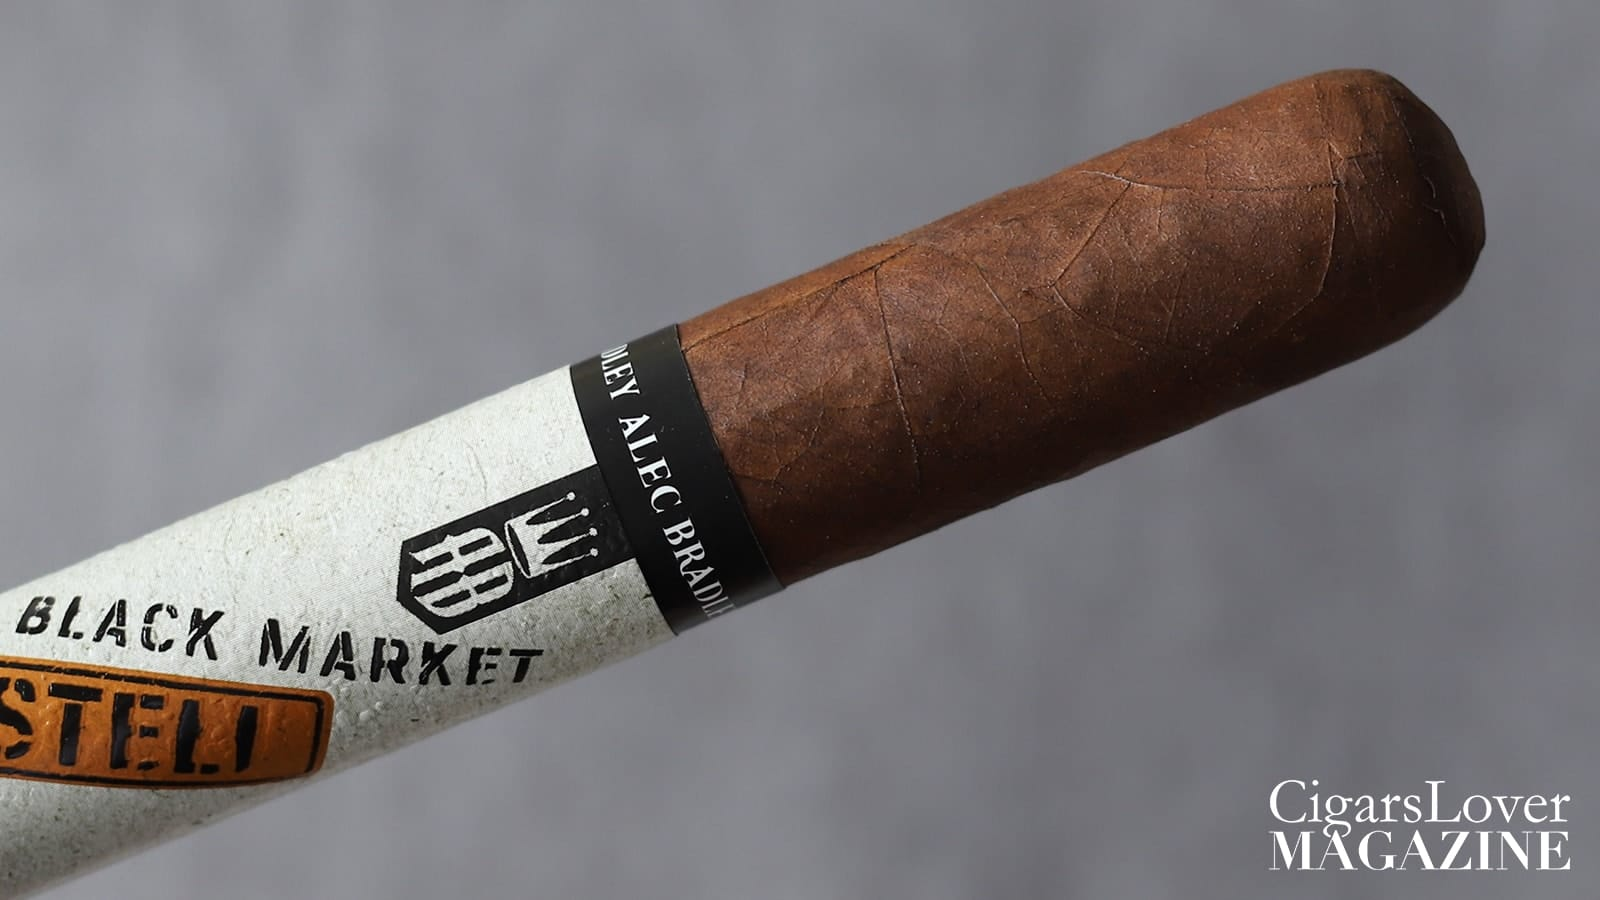 Alec Bradley Black Market Estelí Robusto